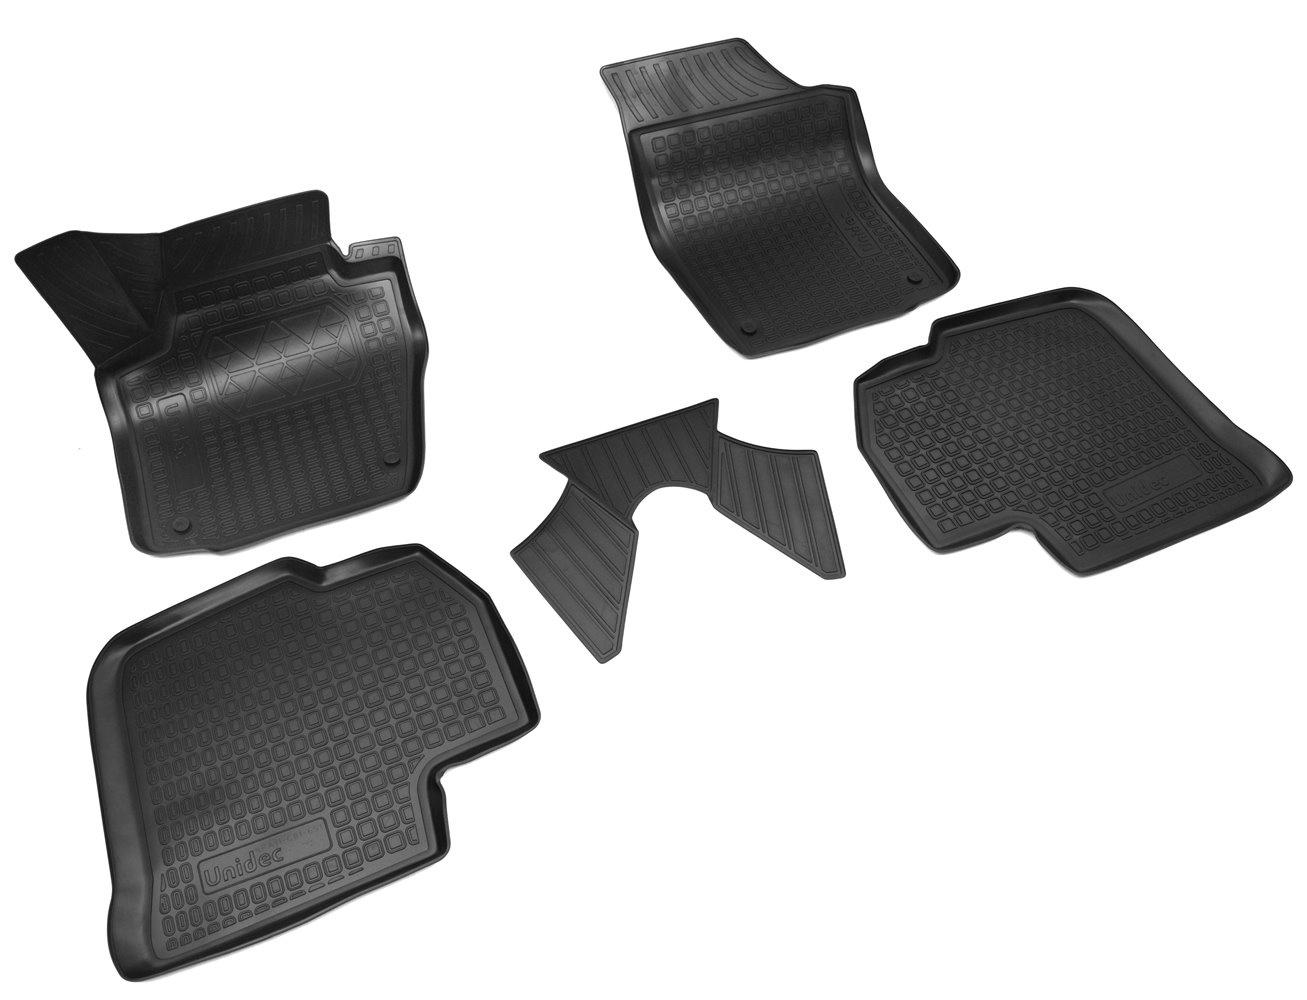 Коврики в салон автомобиля Norplast для Skoda Rapid NH 3D 2013, NPA11-C81-651, черный abs plastic rapid prototype 3d printing rapid prototype sla sls